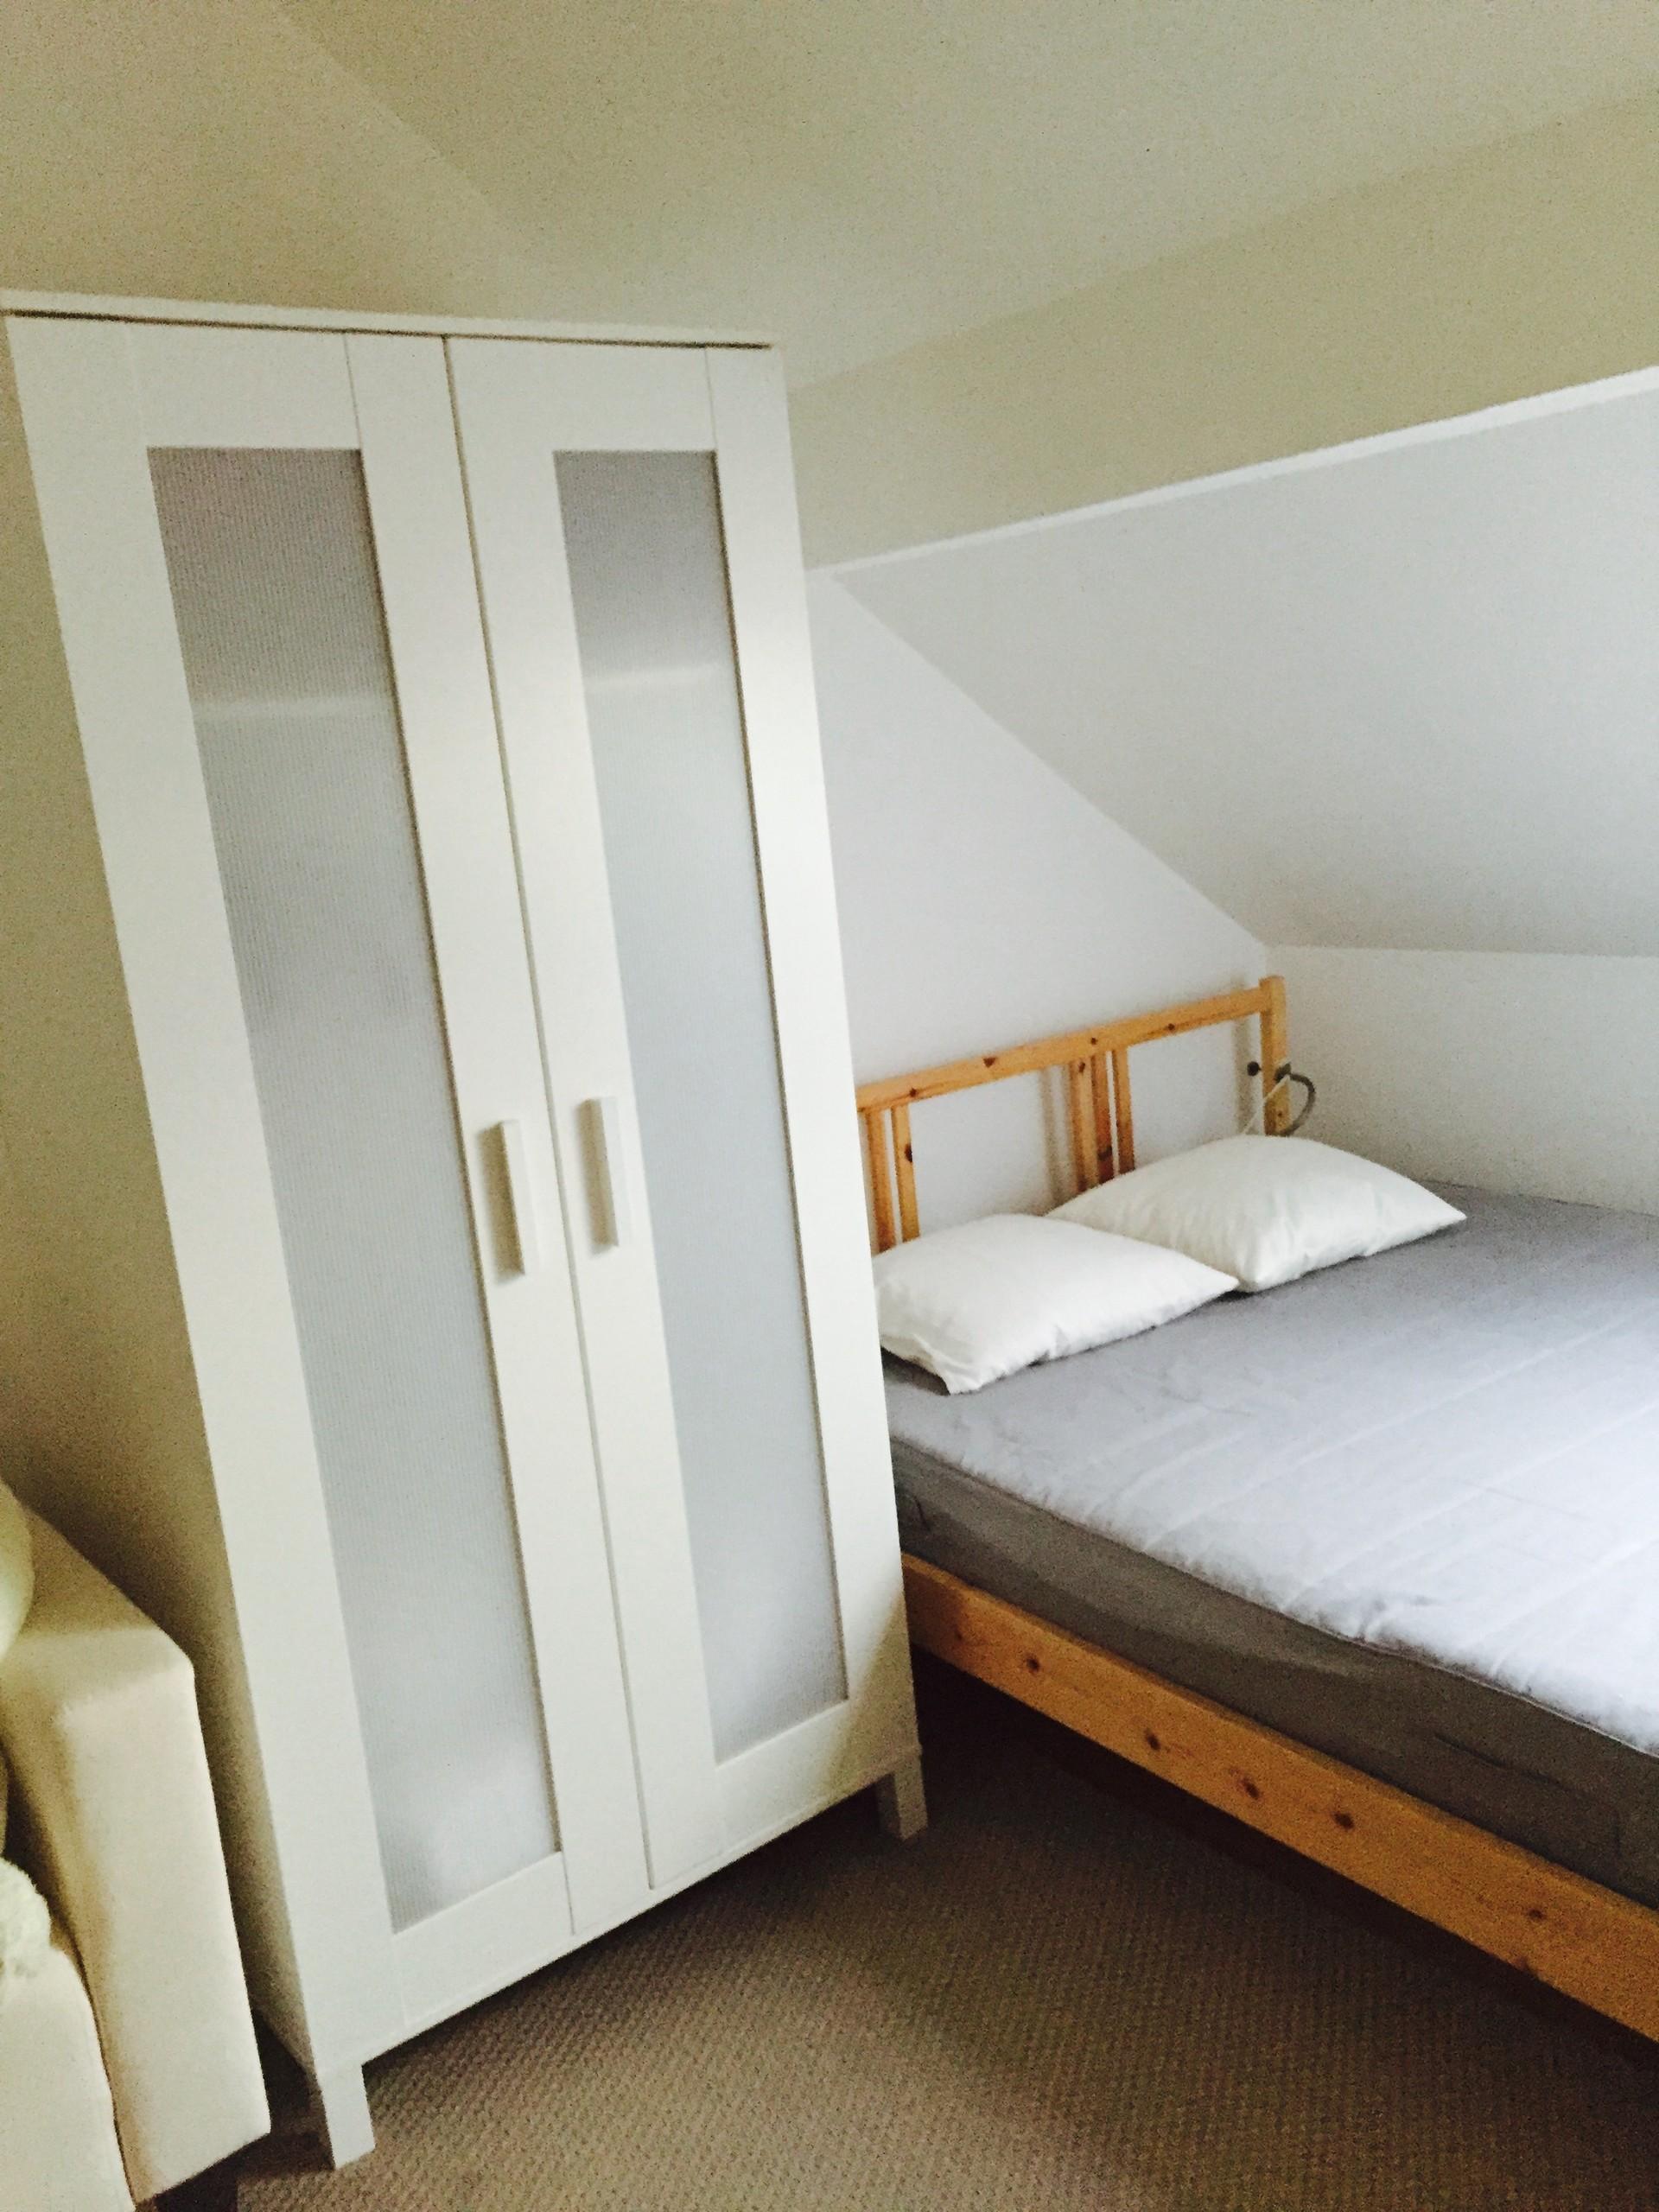 Chambre louer dans une maison pour tudiant proche de woluw location chambres bruxelles - Louer une chambre a bruxelles ...